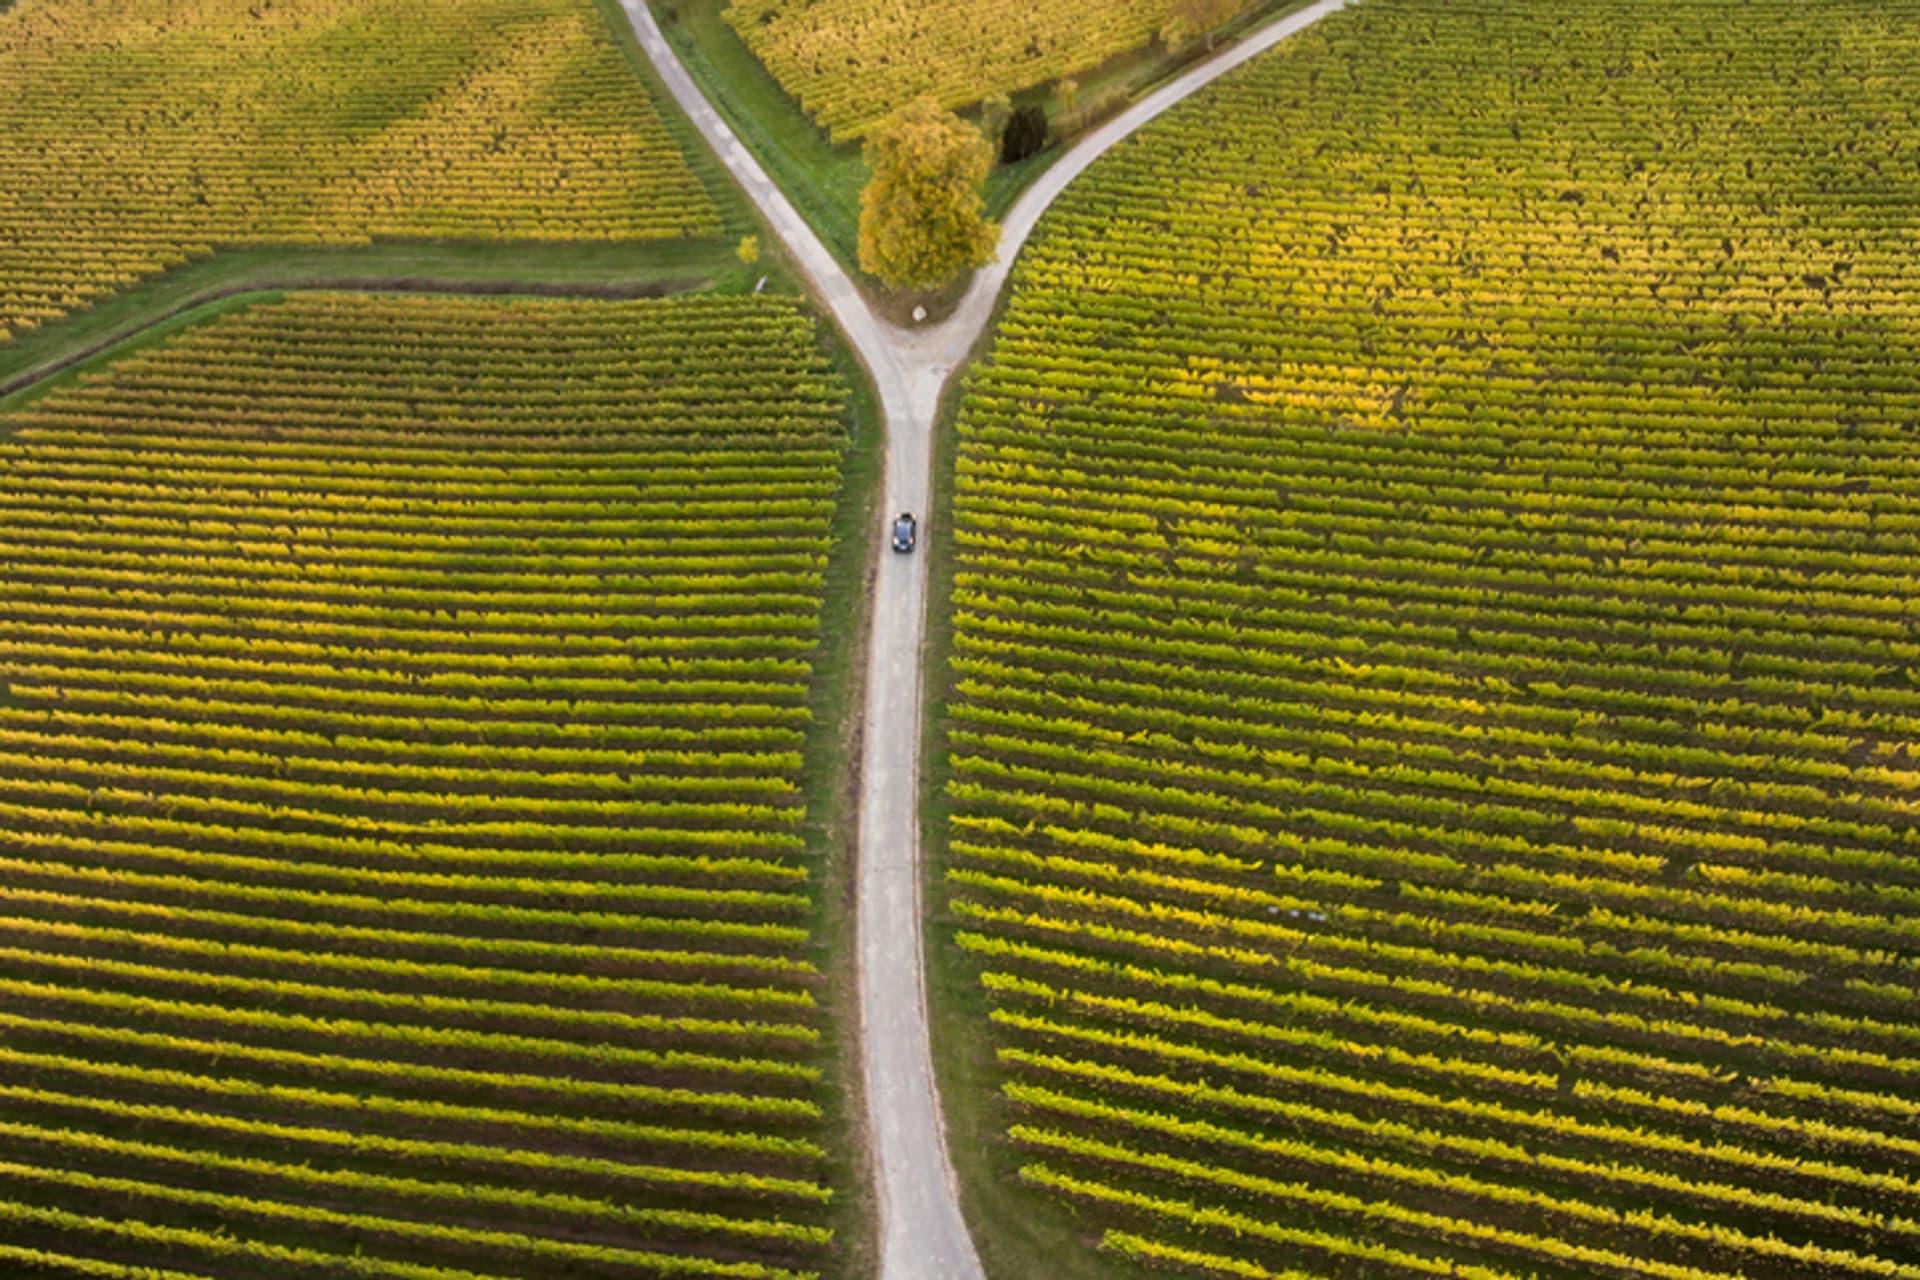 Landwirtschaft Scheideweg c ollo i Stock 619399816